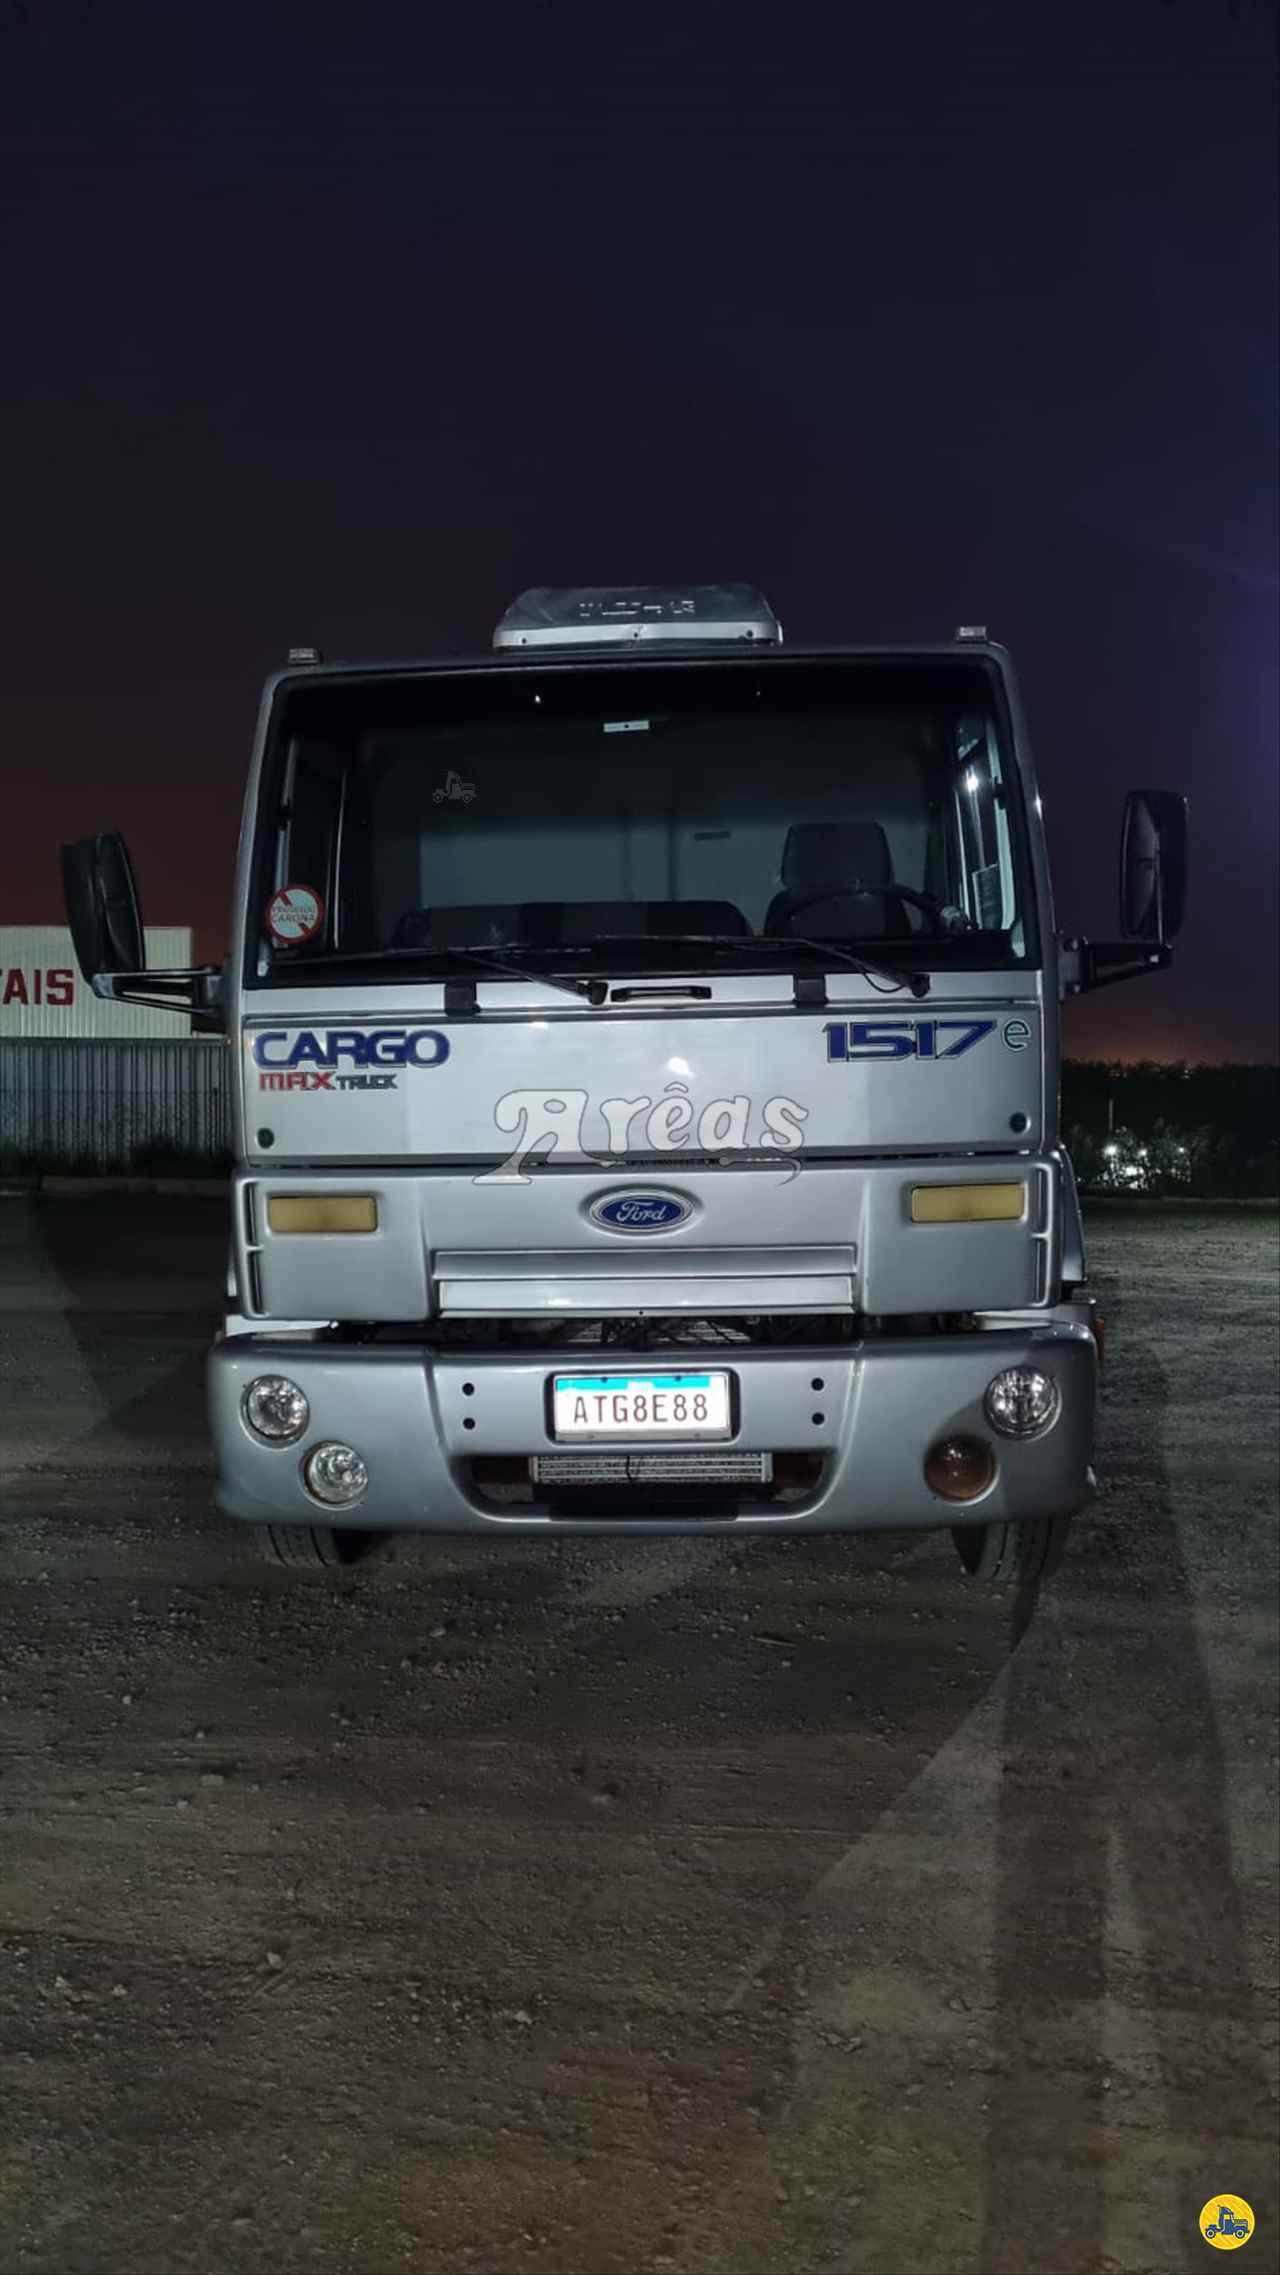 CAMINHAO FORD CARGO 1517 Chassis Truck 6x2 Arêas Caminhões MARINGA PARANÁ PR